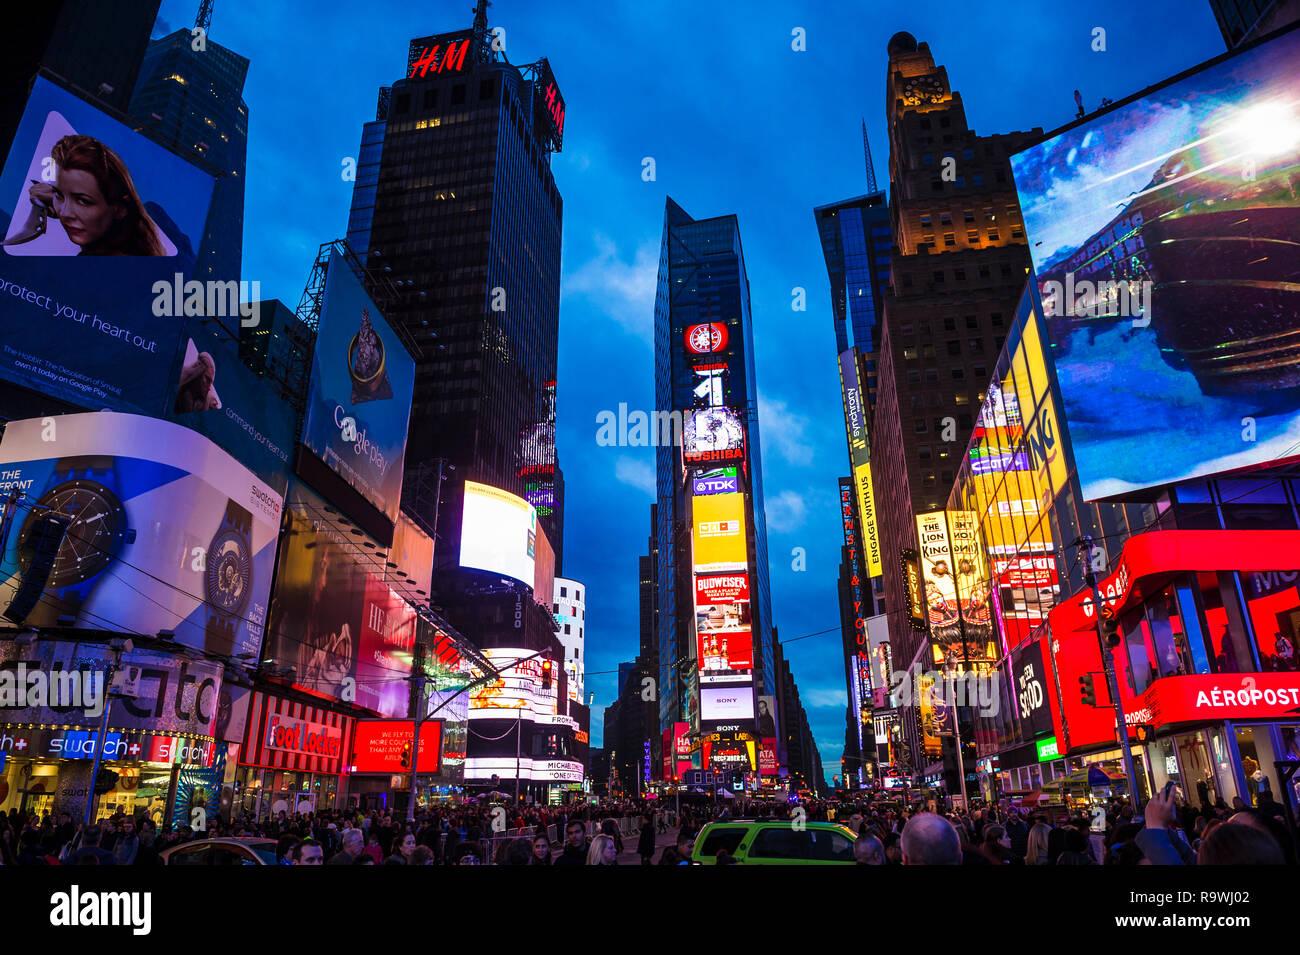 509cd5e13d0 NEW YORK CITY - CIRCA DECEMBER